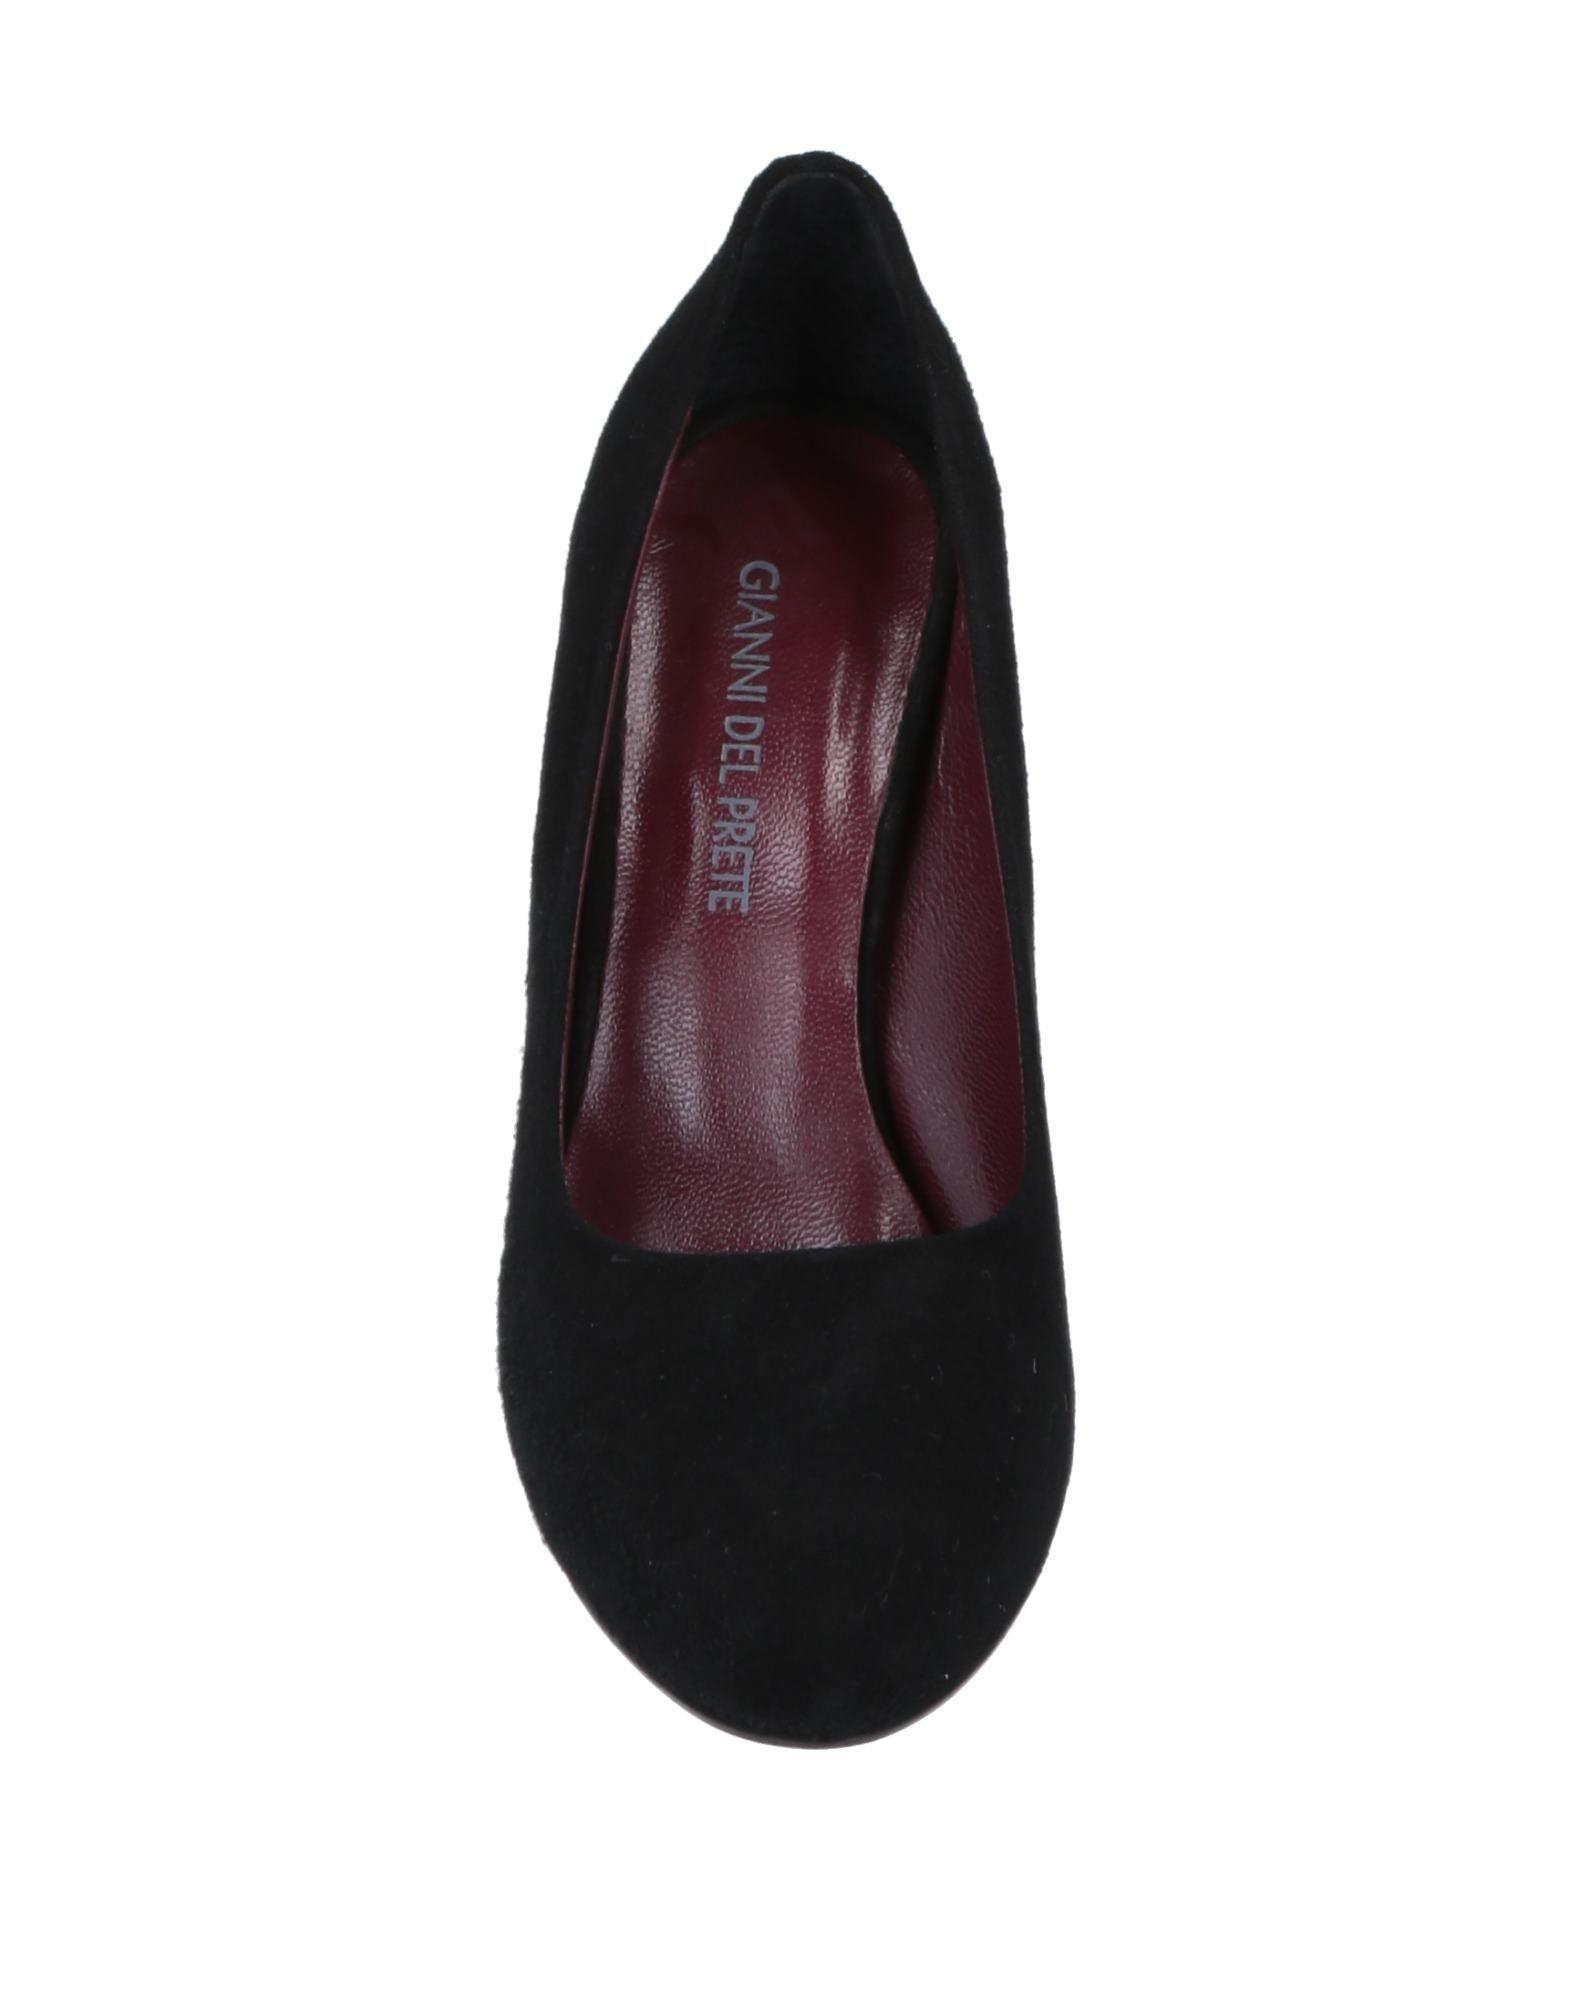 Zapatos de salón GIANNI DEL PRETE de Cuero de color Negro